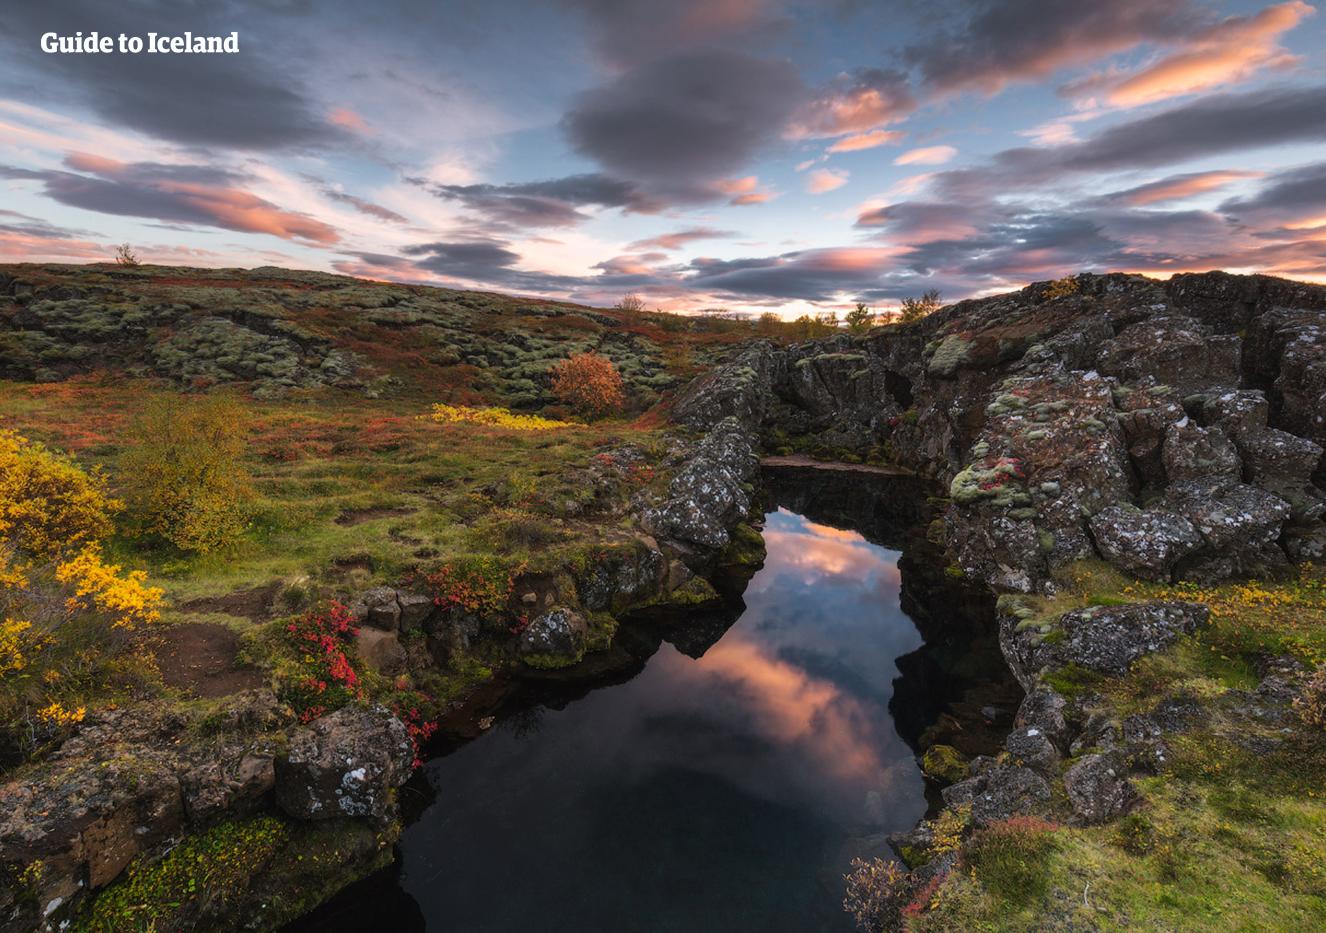 Silfra-kløften i Þingvellir Nationalpark er et velegnet sted for snorkling og dykning. Den er tilgængelig hele året, da den holder en konstant temperatur på to grader celsius.